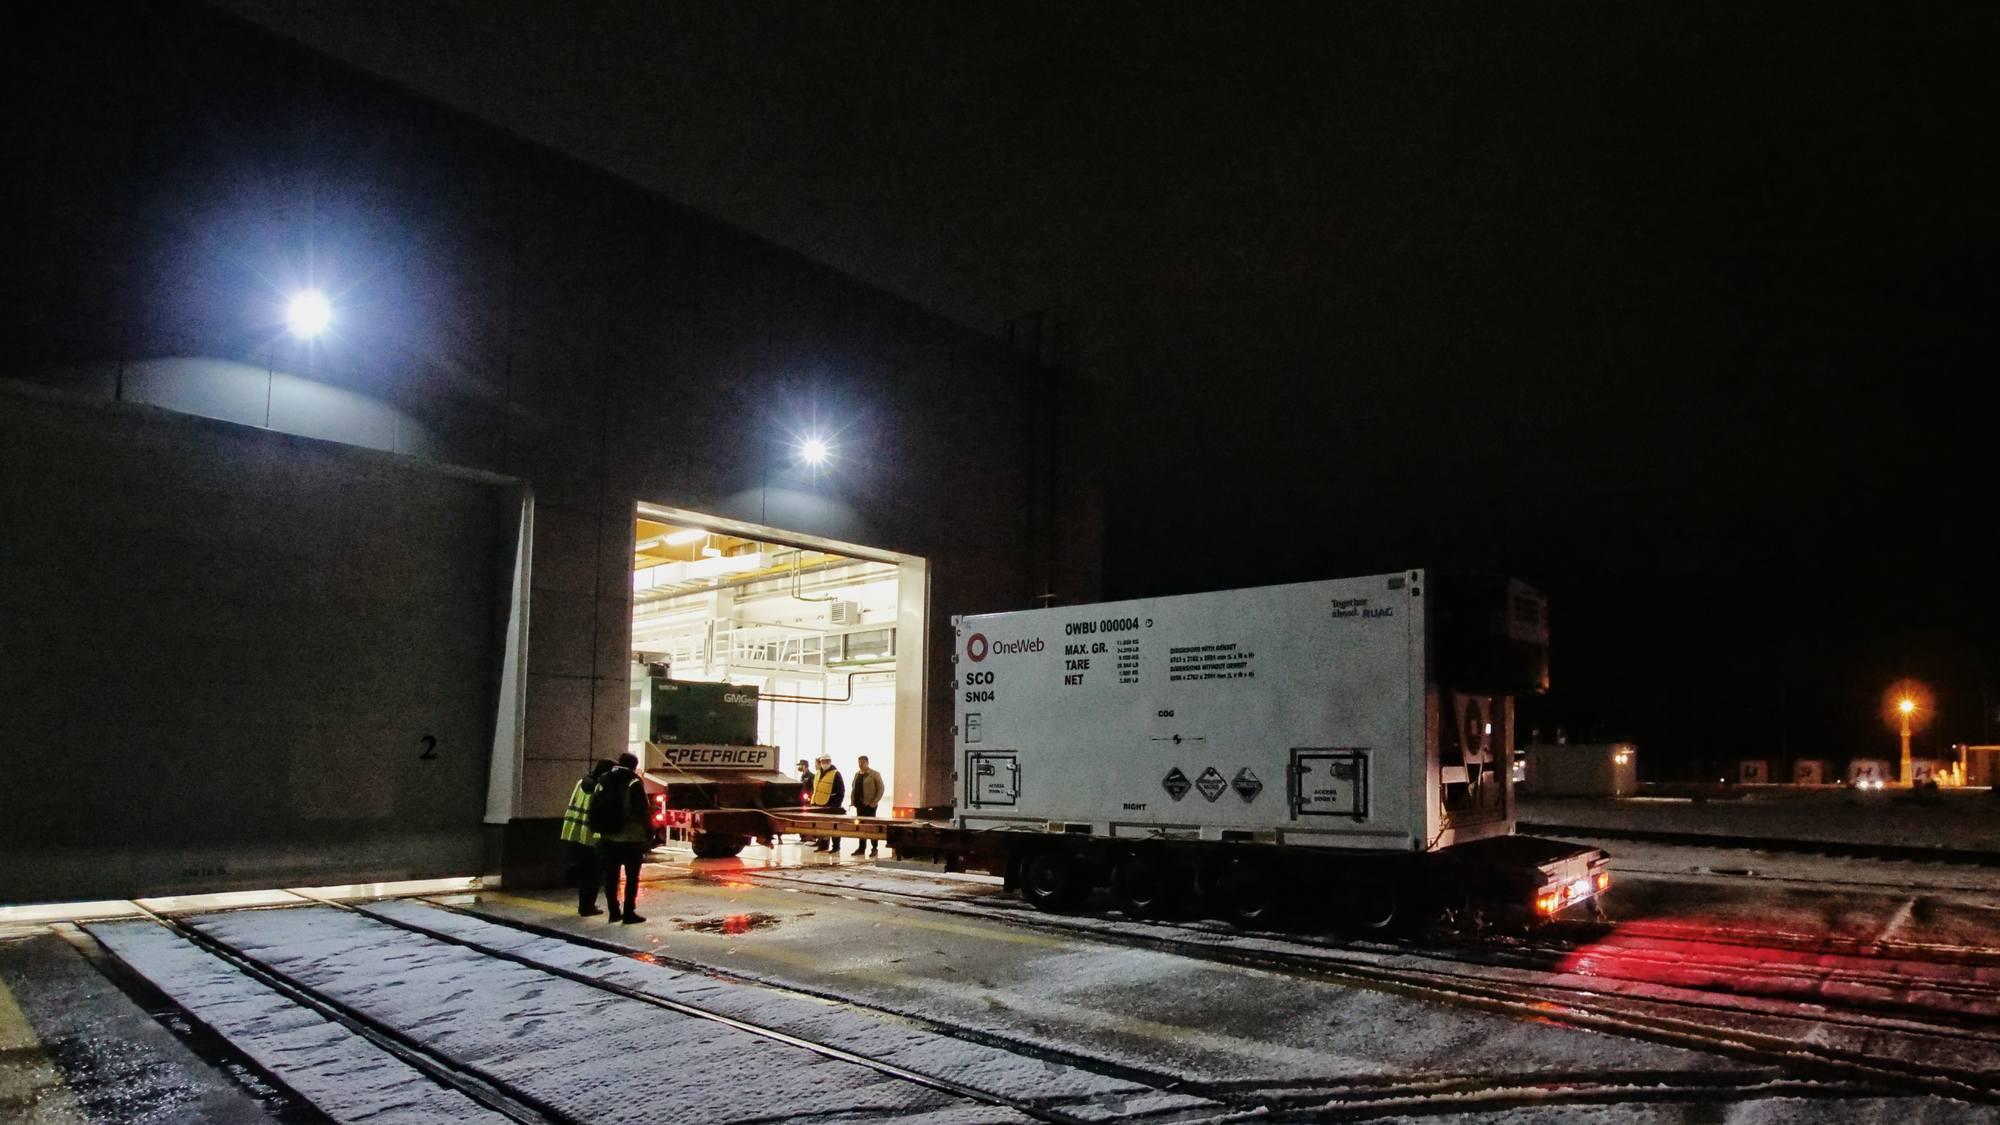 Transportés sur des plateformes routières les conteneurs arrivent au cosmodrome de Vostochny et vont être réceptionnés au MIK universel.